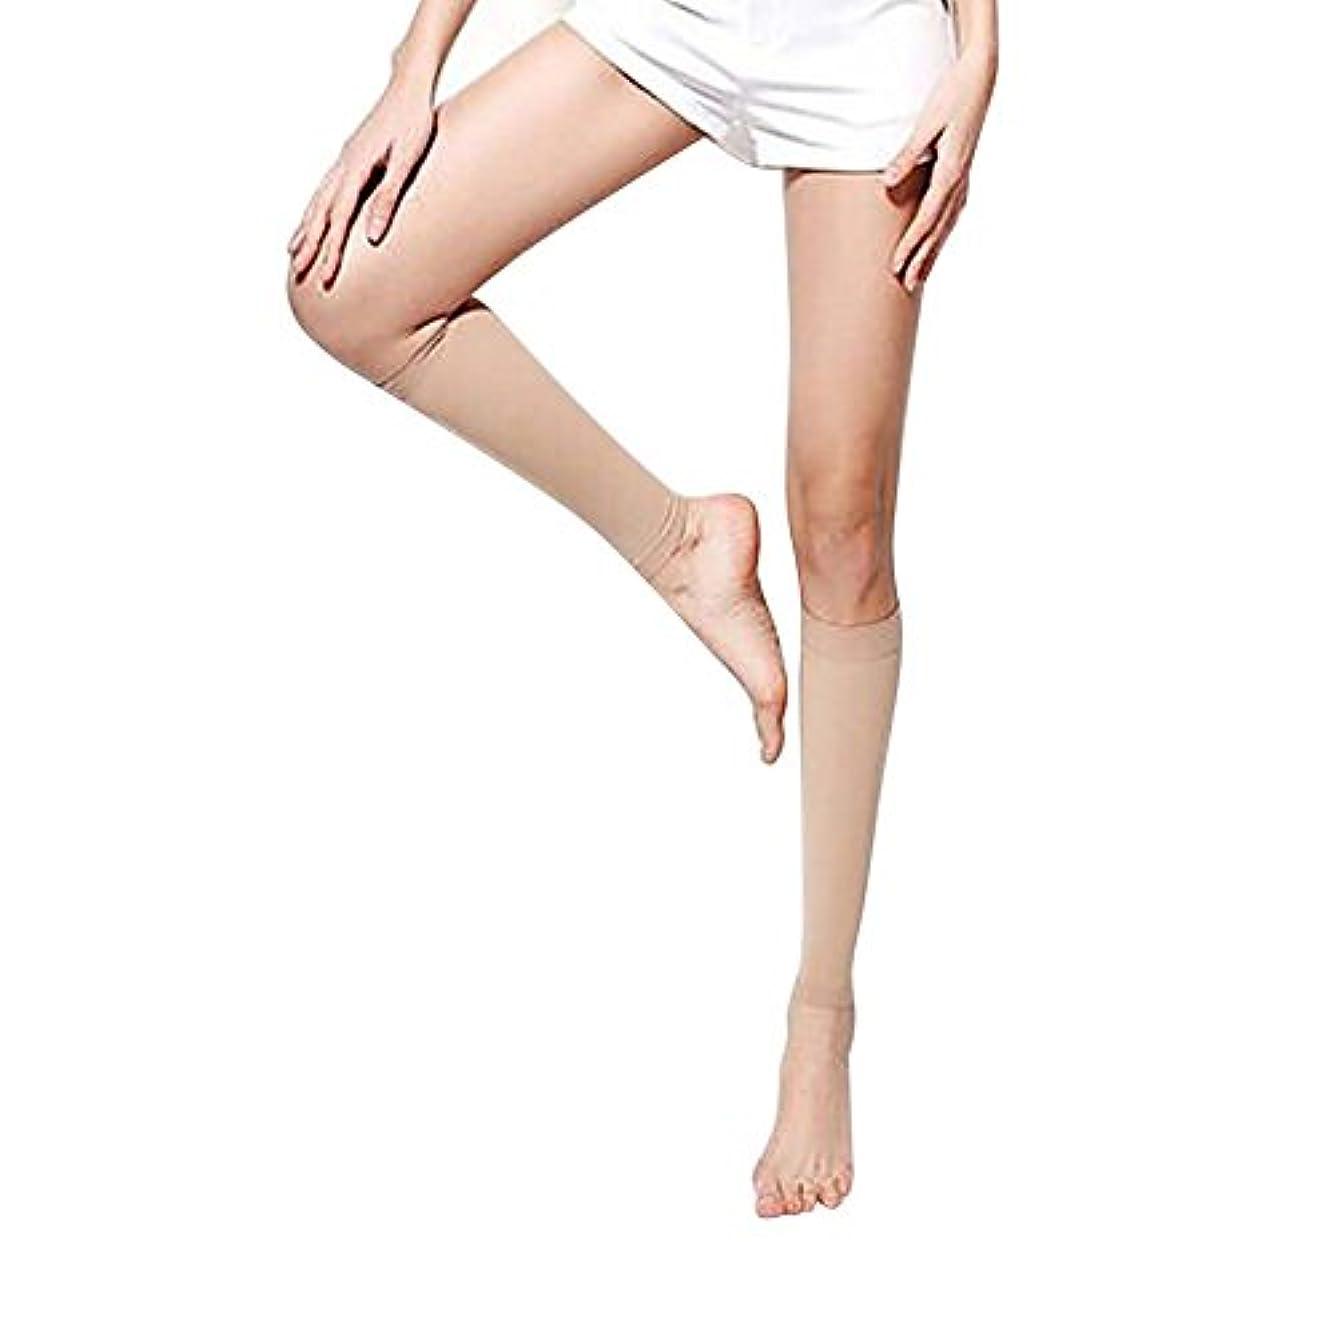 定常干ばつトラブルkasit 美脚ふくらはぎソックス 着圧ソックス 脂肪燃焼で脛ほっそり ショート